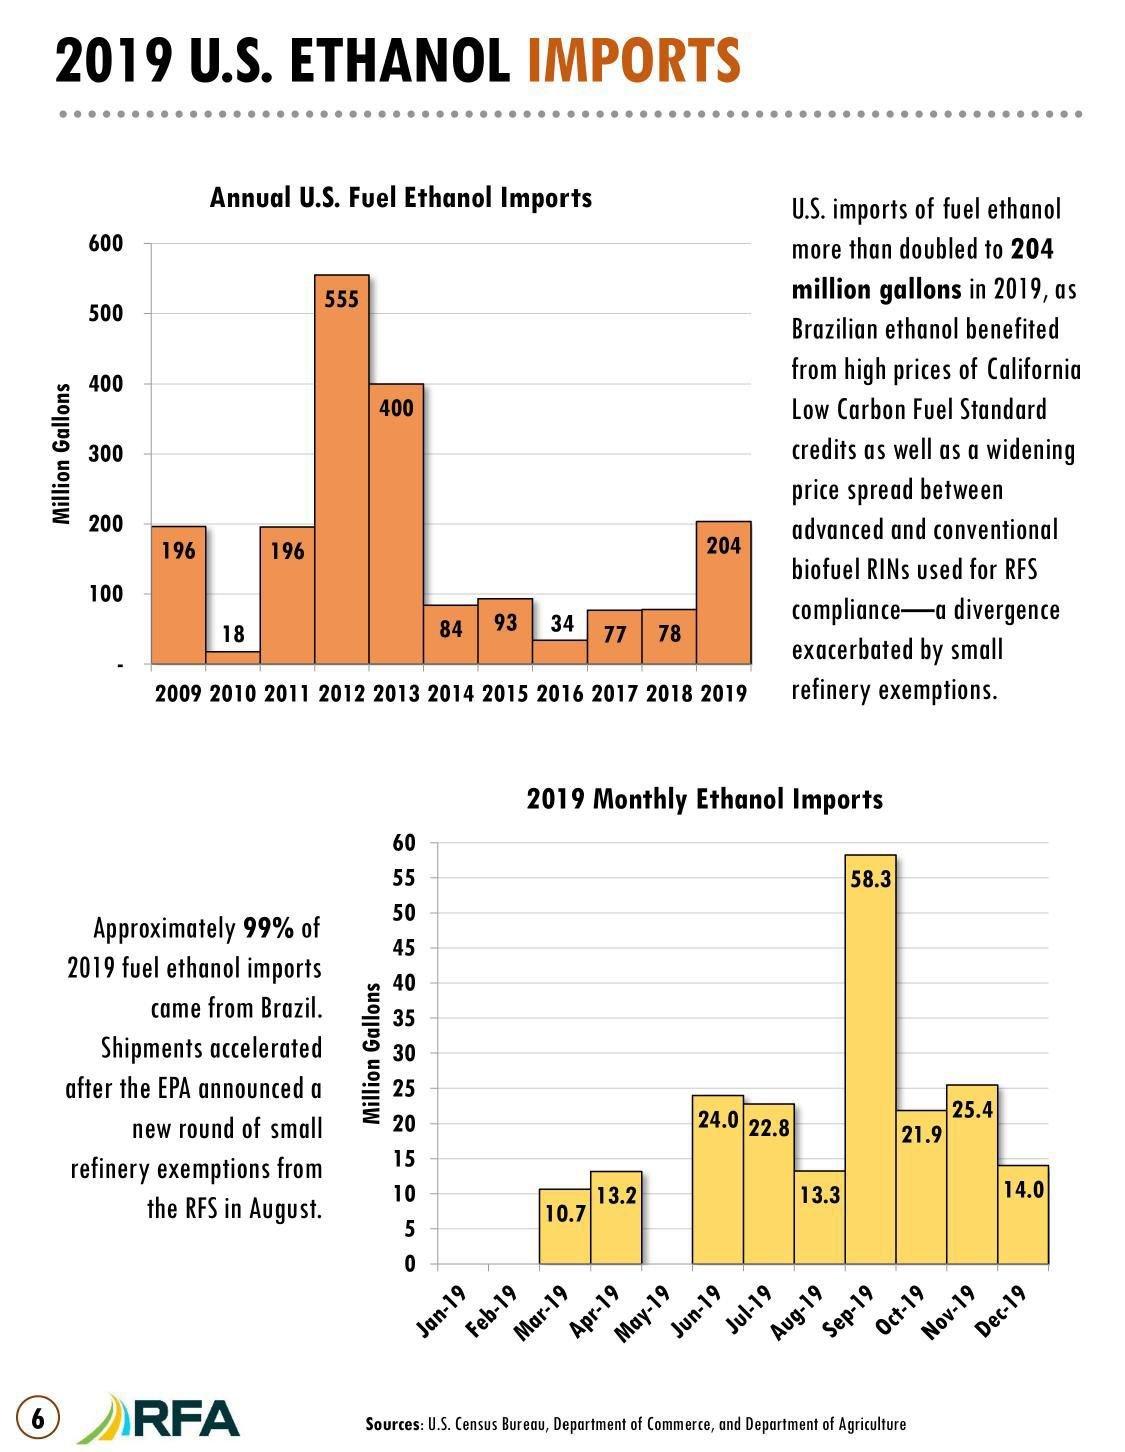 2019 U.S. Ethanol Imports